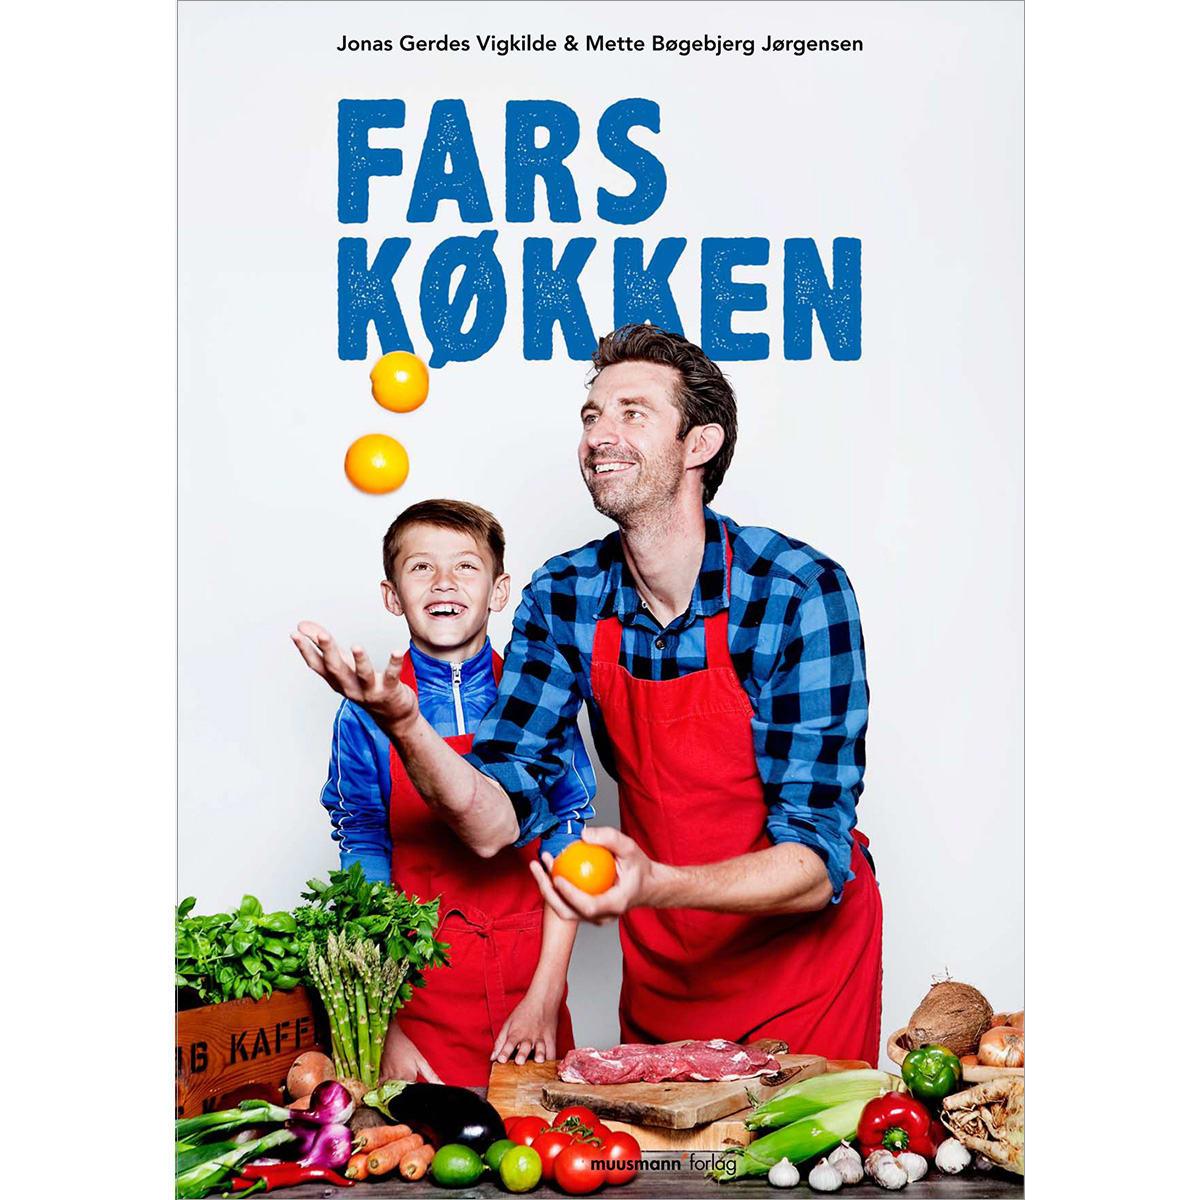 Af Jonas Gerdes Vigkilde & Mette Bøgebjerg Jørgensen